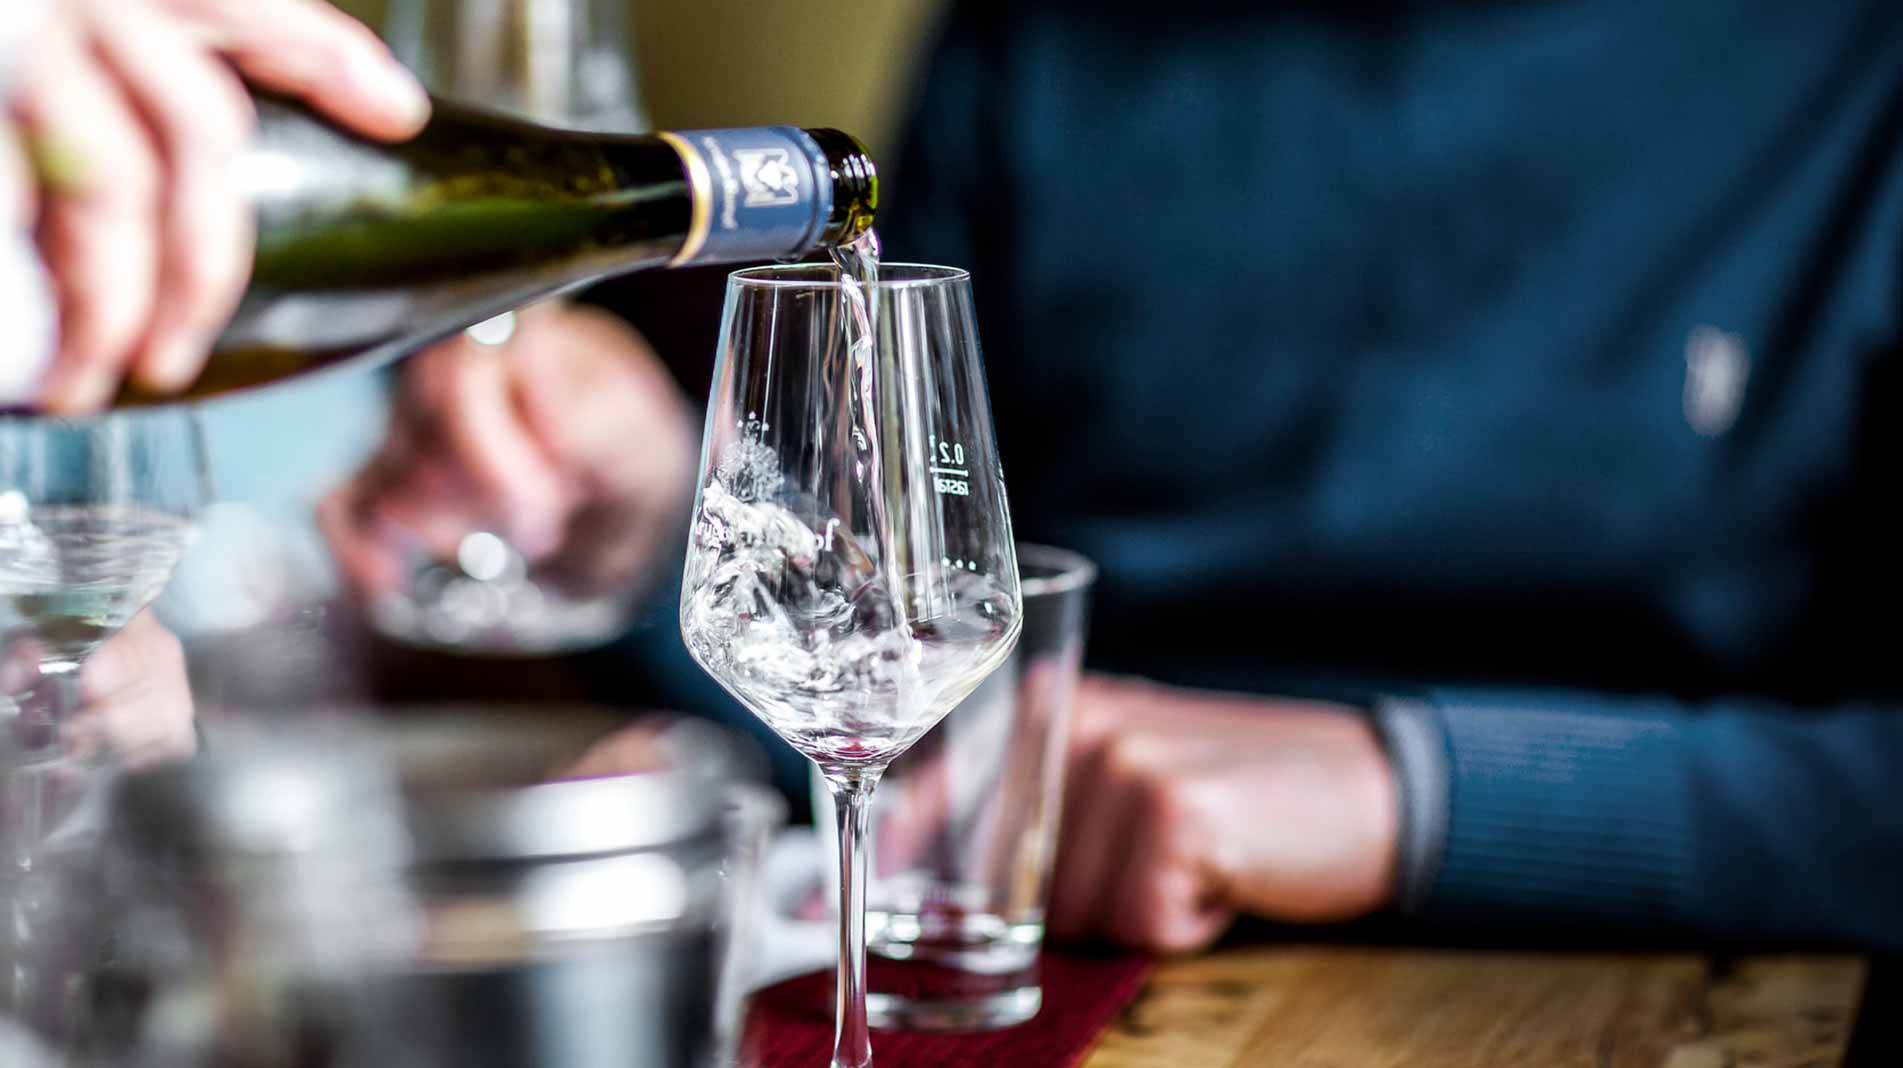 Efterstræbte Hvad betyder det, at en hvidvin er tør? RO-33